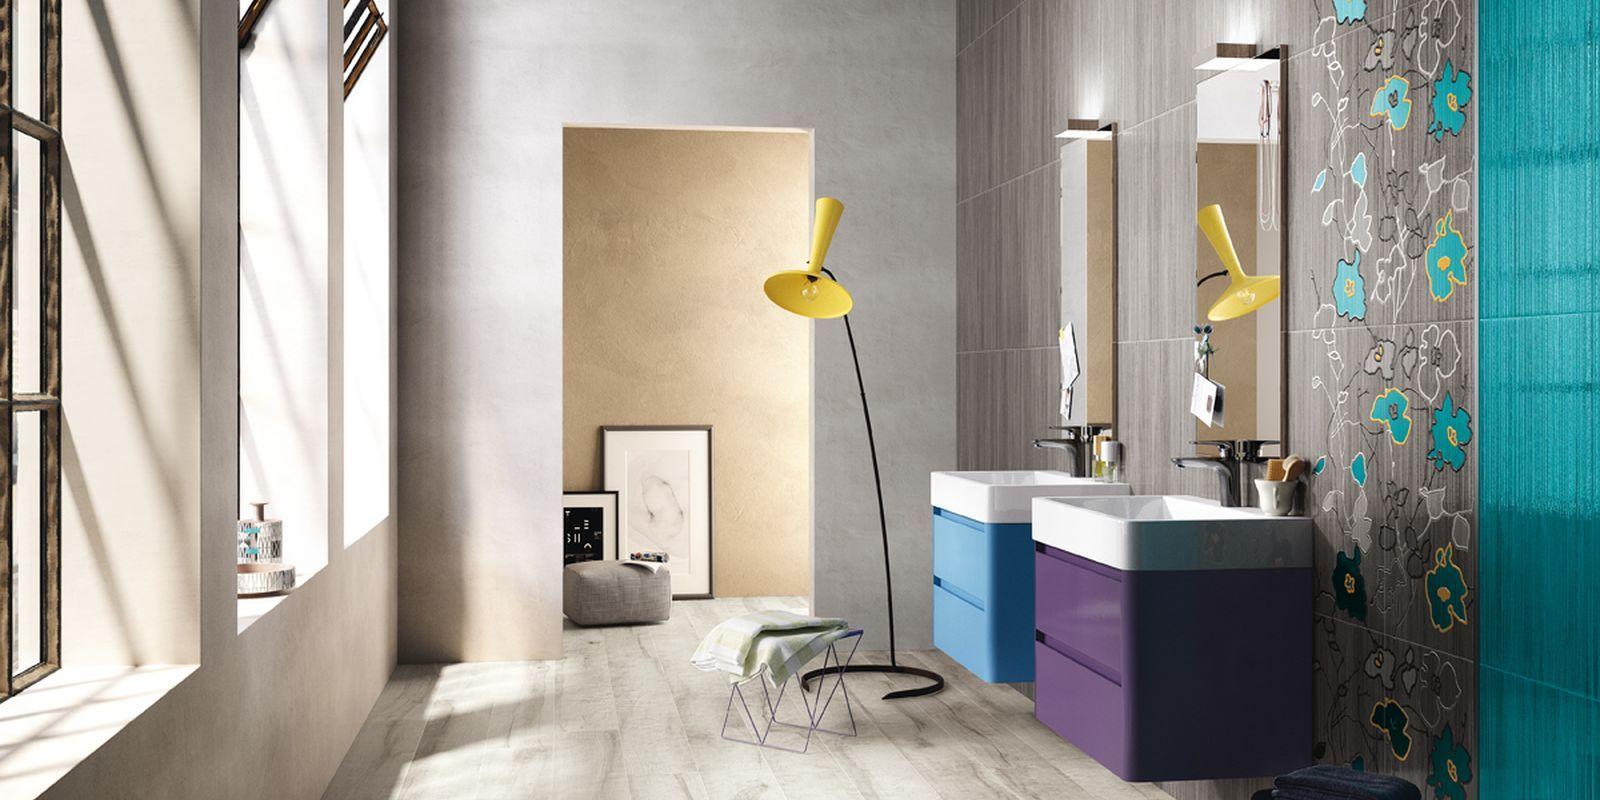 Pin di Imola Store Rimini su Bathroom | Pinterest